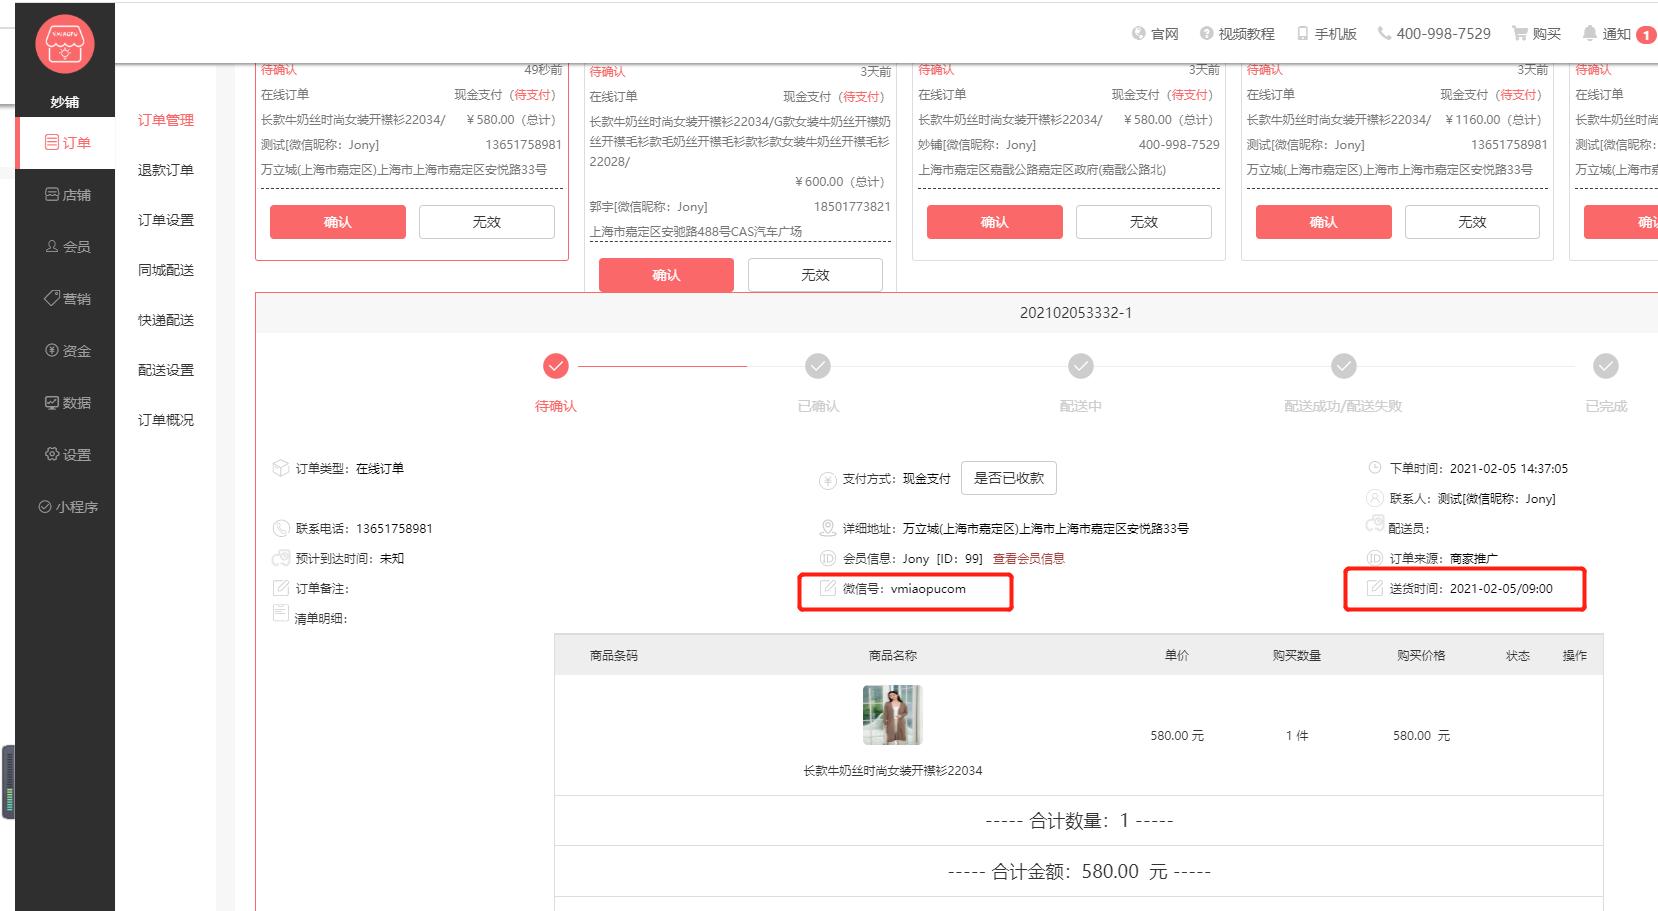 商家接收到用户的订单将看到用户填写的字段内容